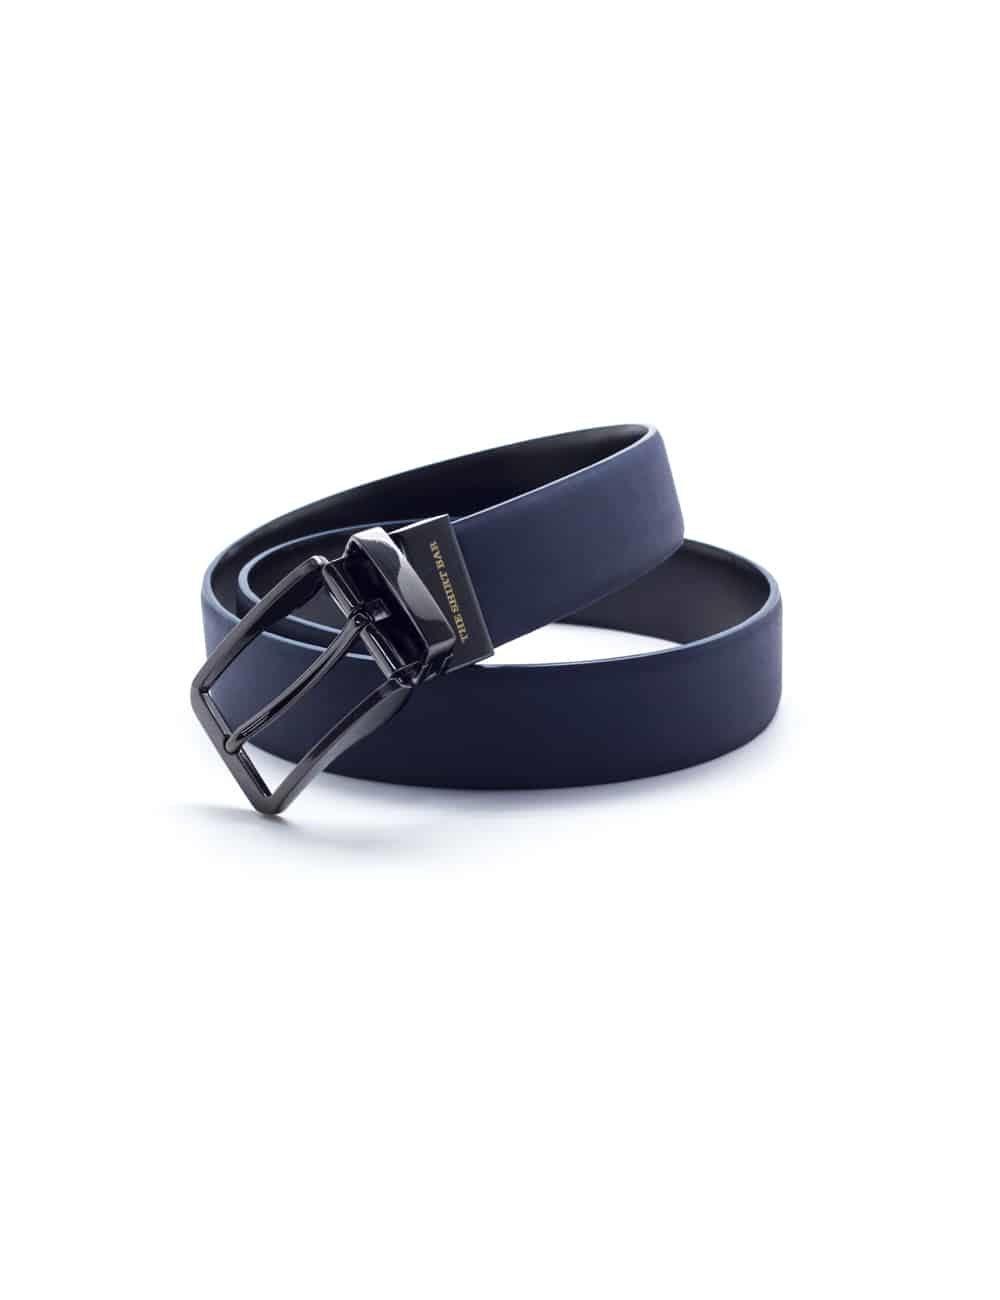 Black / Navy Reversible Leather Belt LBR13.6